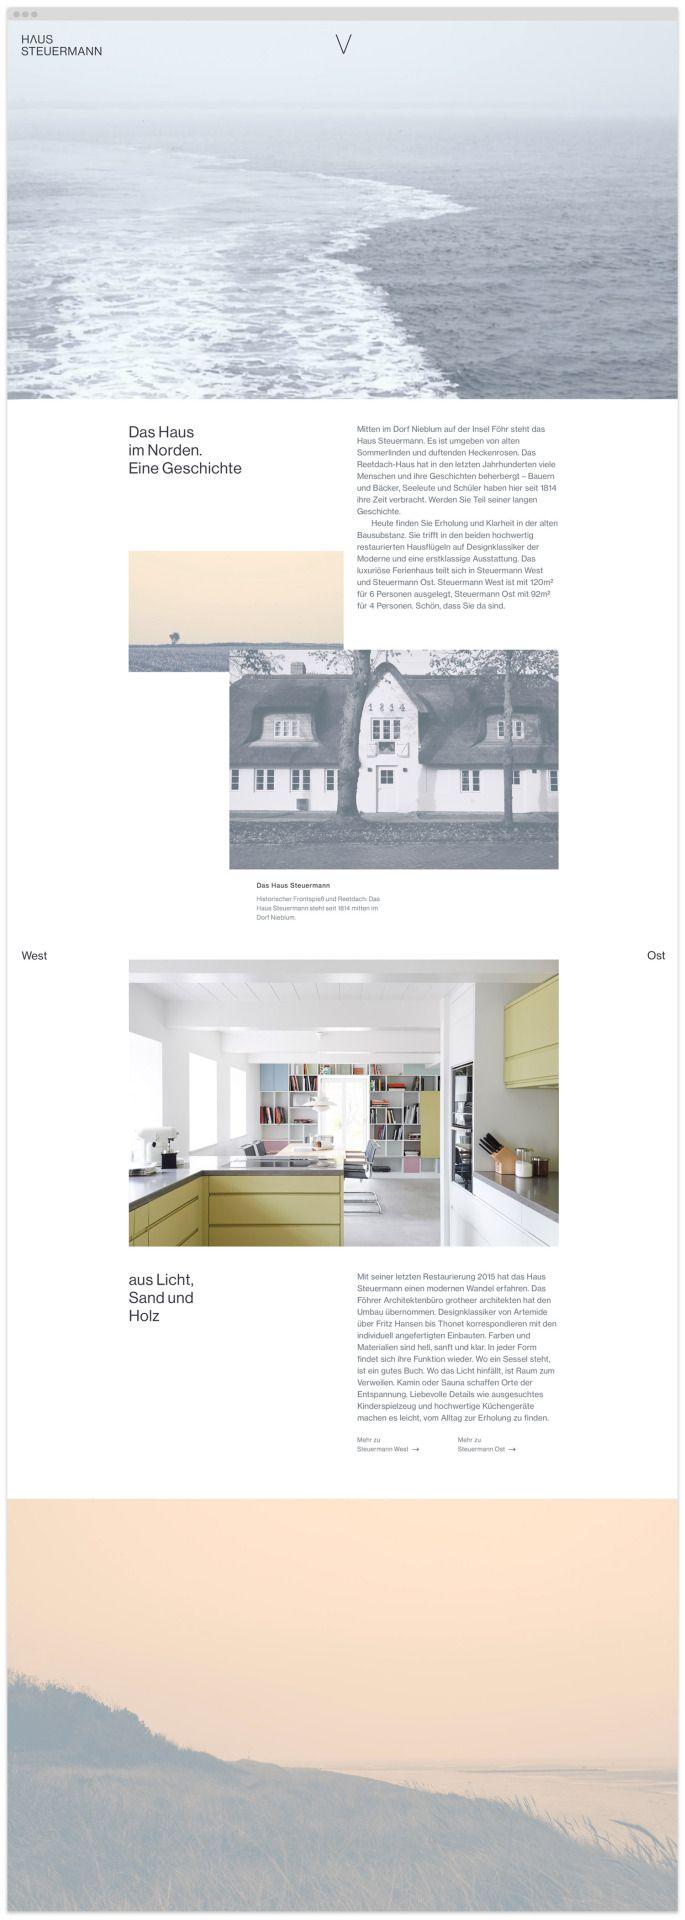 124 best Web/Digital images on Pinterest | Design web, Design ...